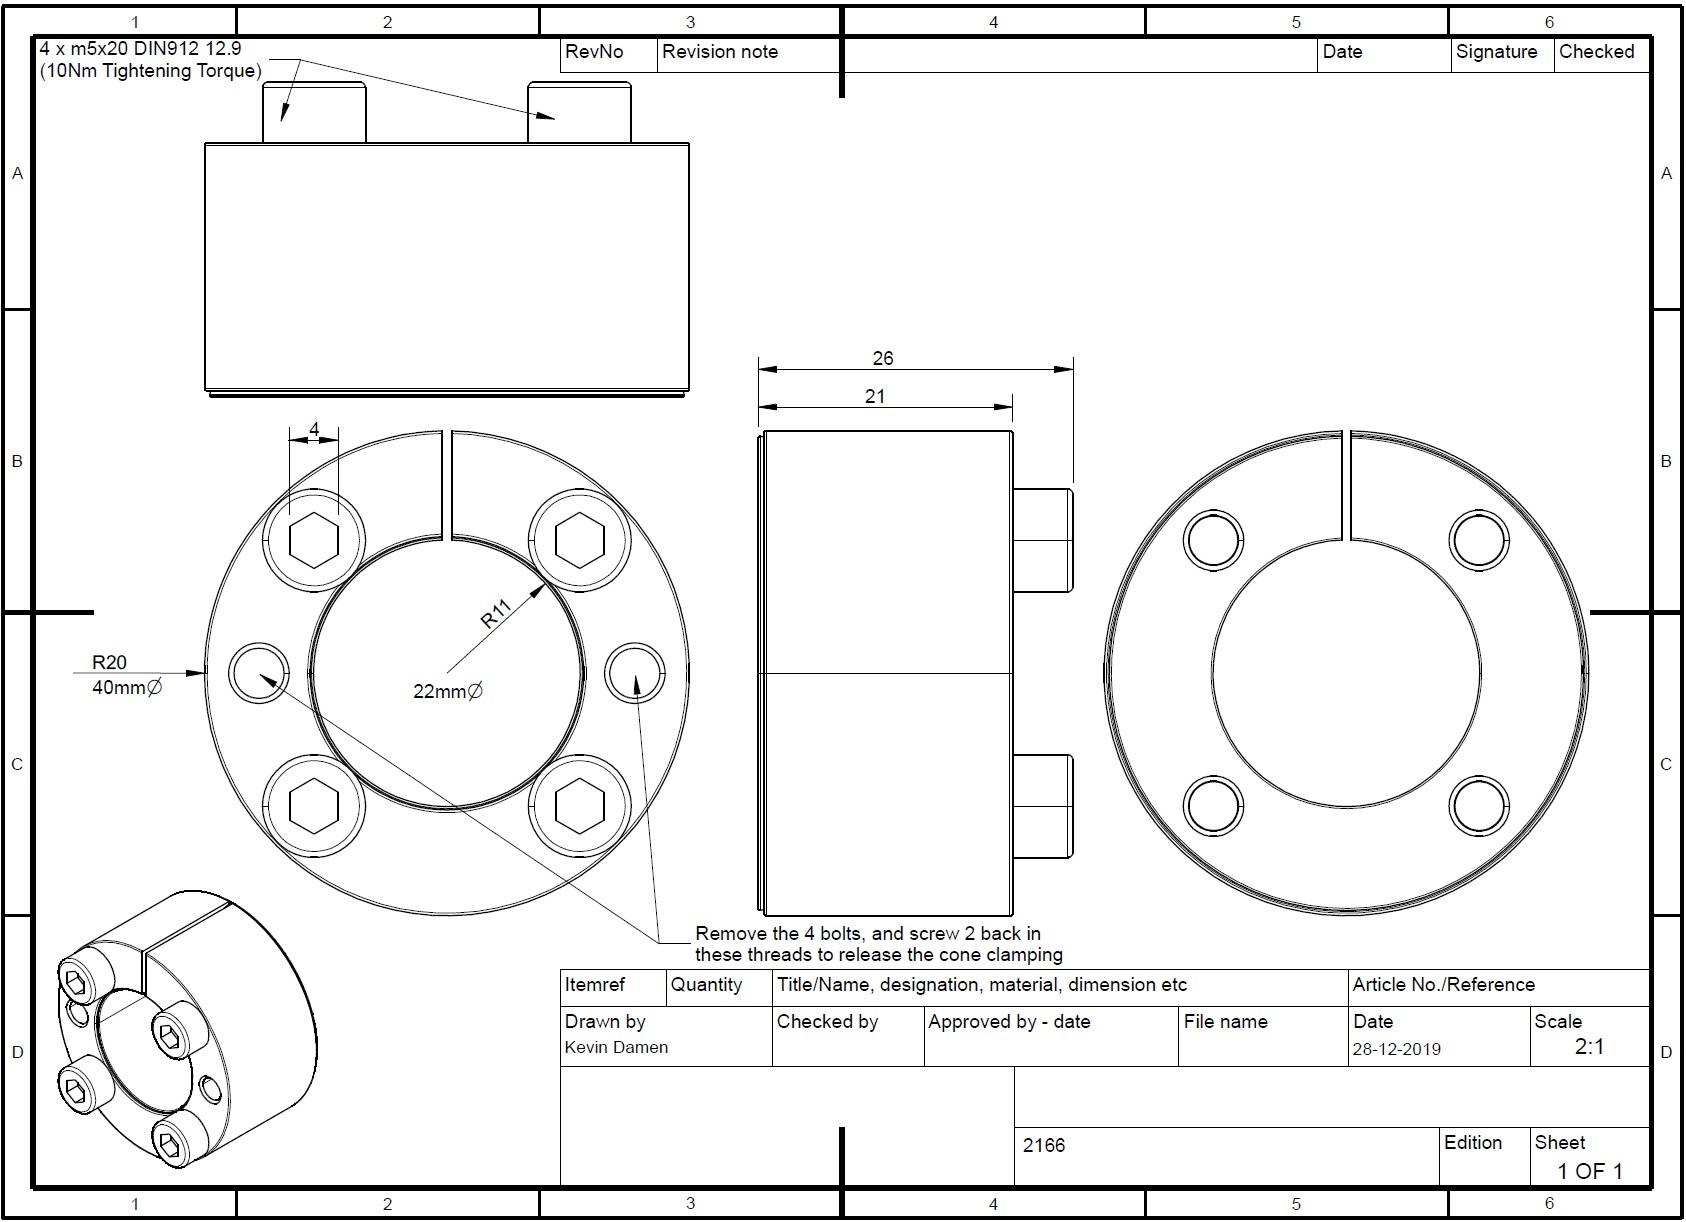 21662 locking assembly bk61 d x d x 22x40 lt26 2d dimensions